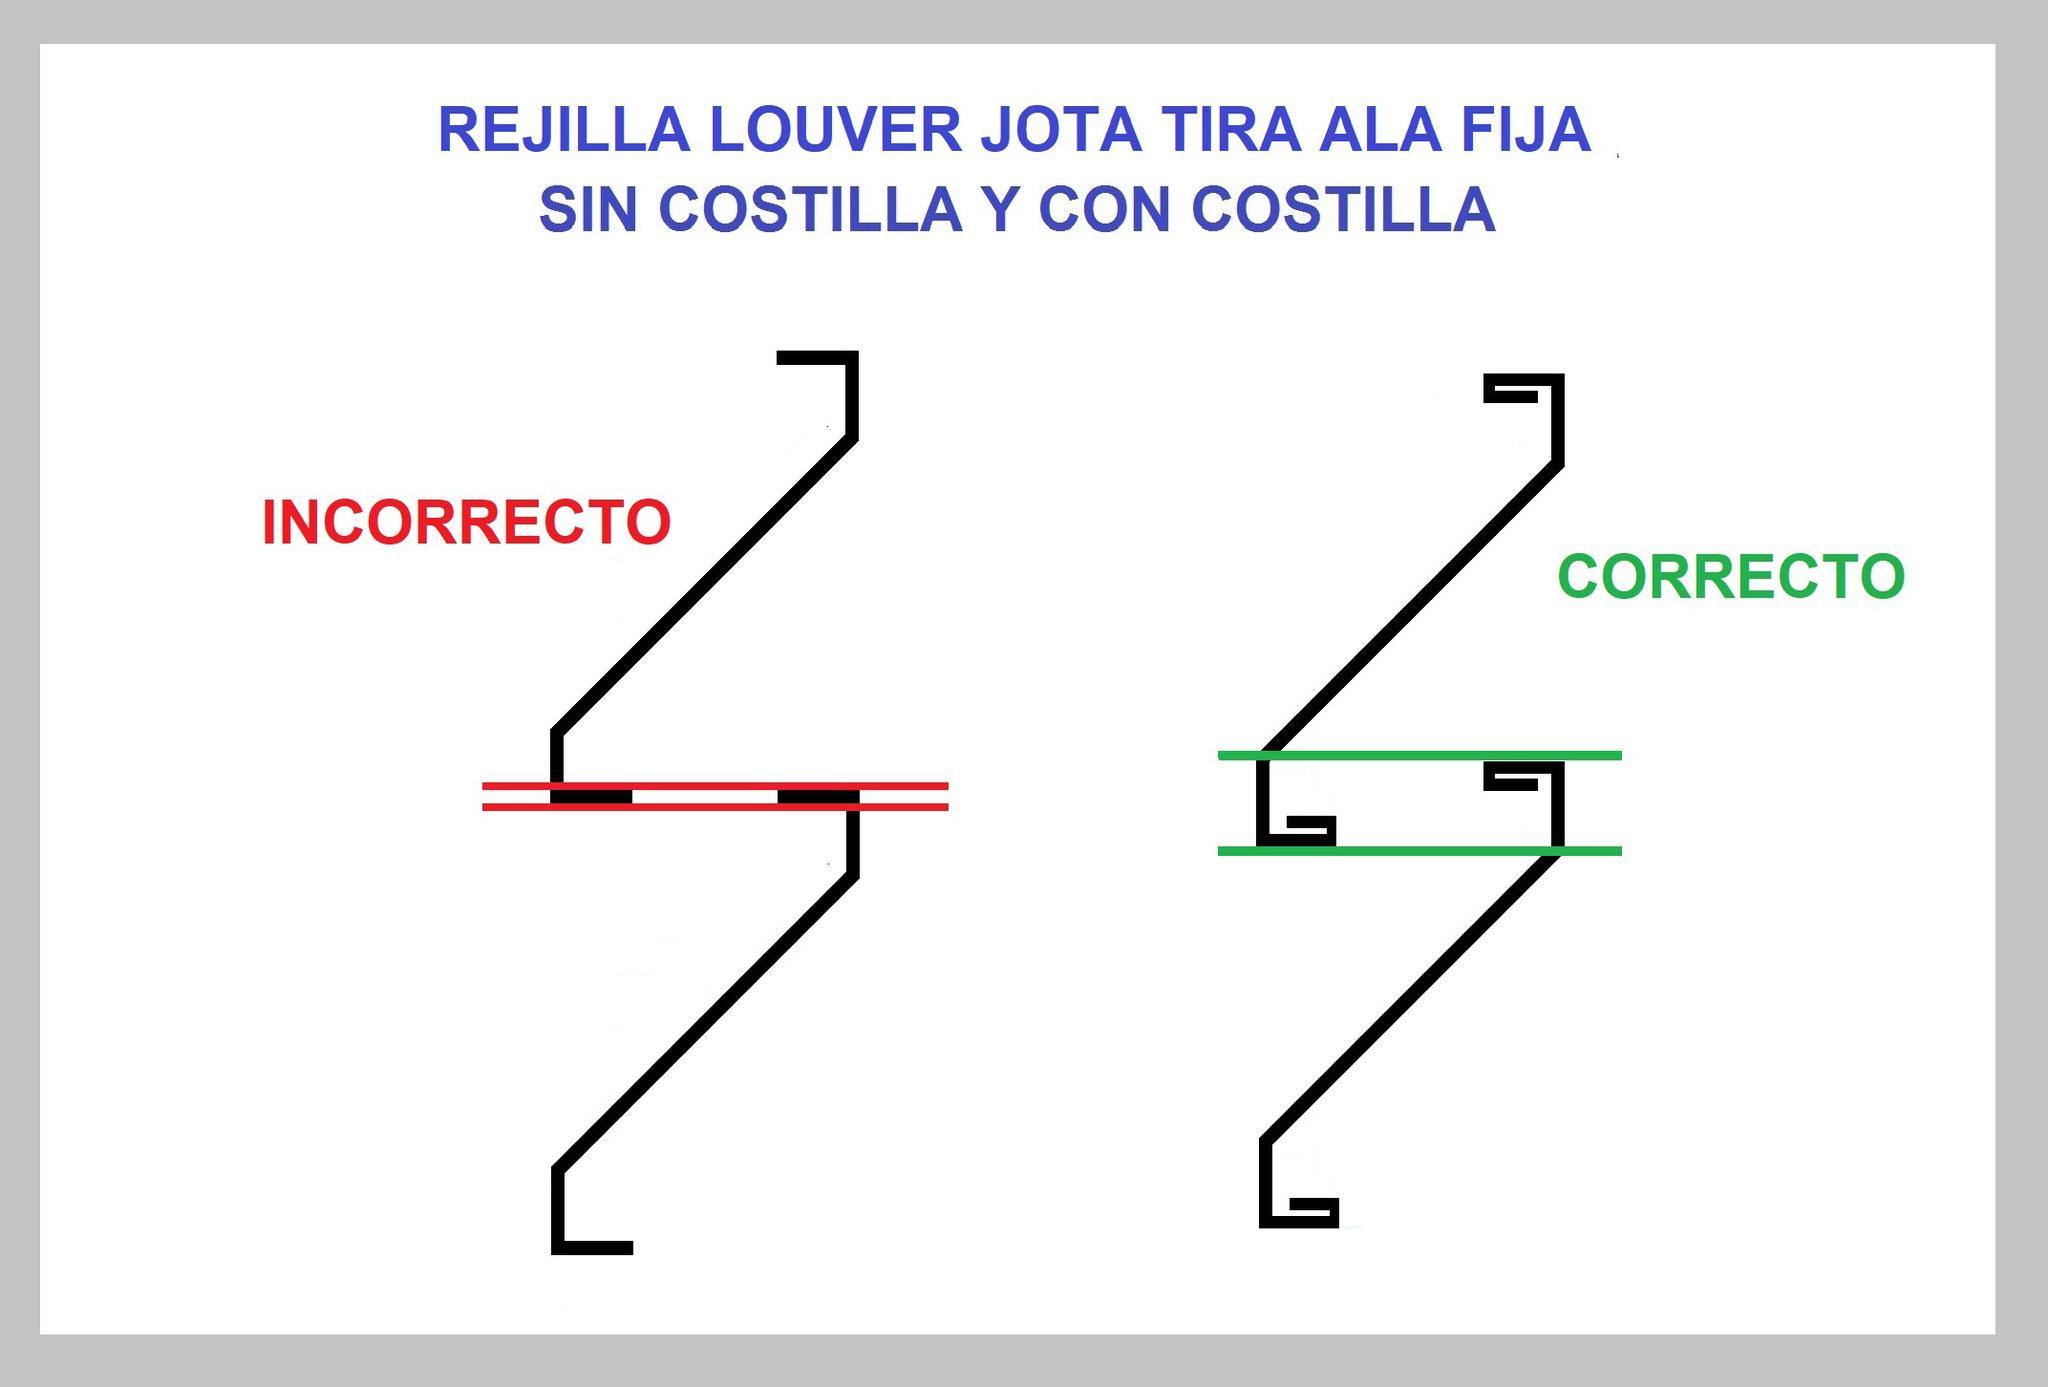 REJILLA LOUVER TIRA J (JOTA) TIRA PARA PERSIANA DE HERRERÍA GUÍA DE INSTALACIÓN 1